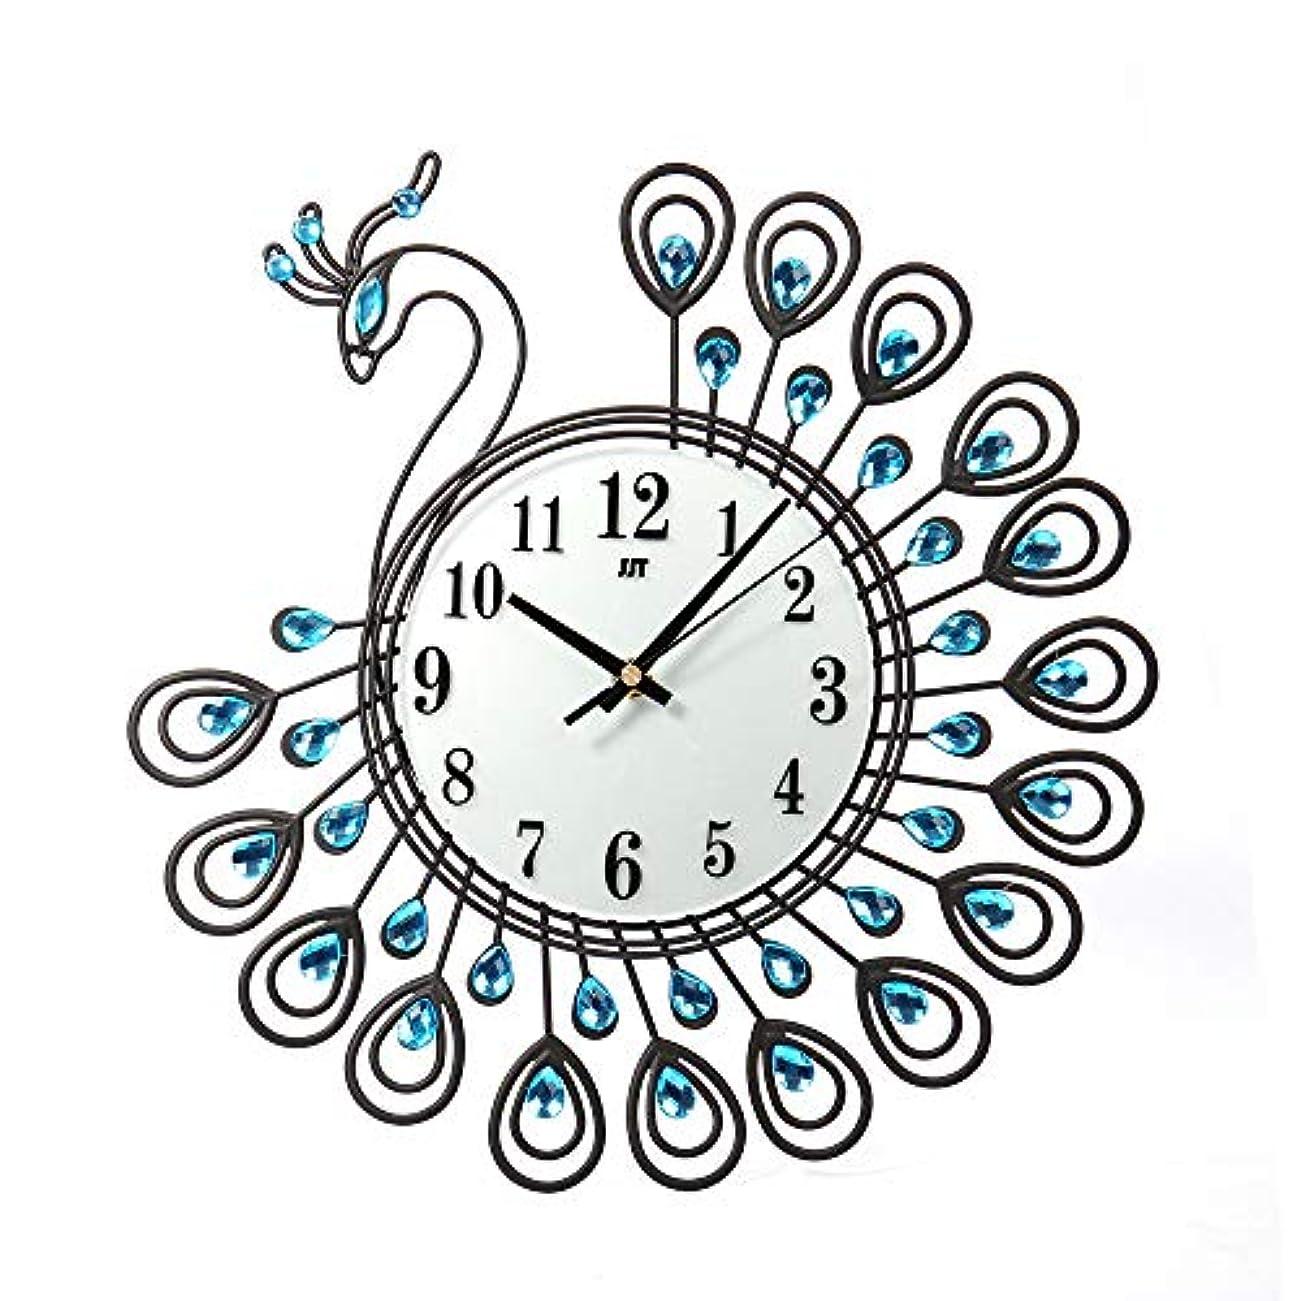 石油またはどちらか検索エンジンマーケティングルームオフィスのための壁時計の金属のラインストーンの家の装飾の孔雀の時計 (ブラック)